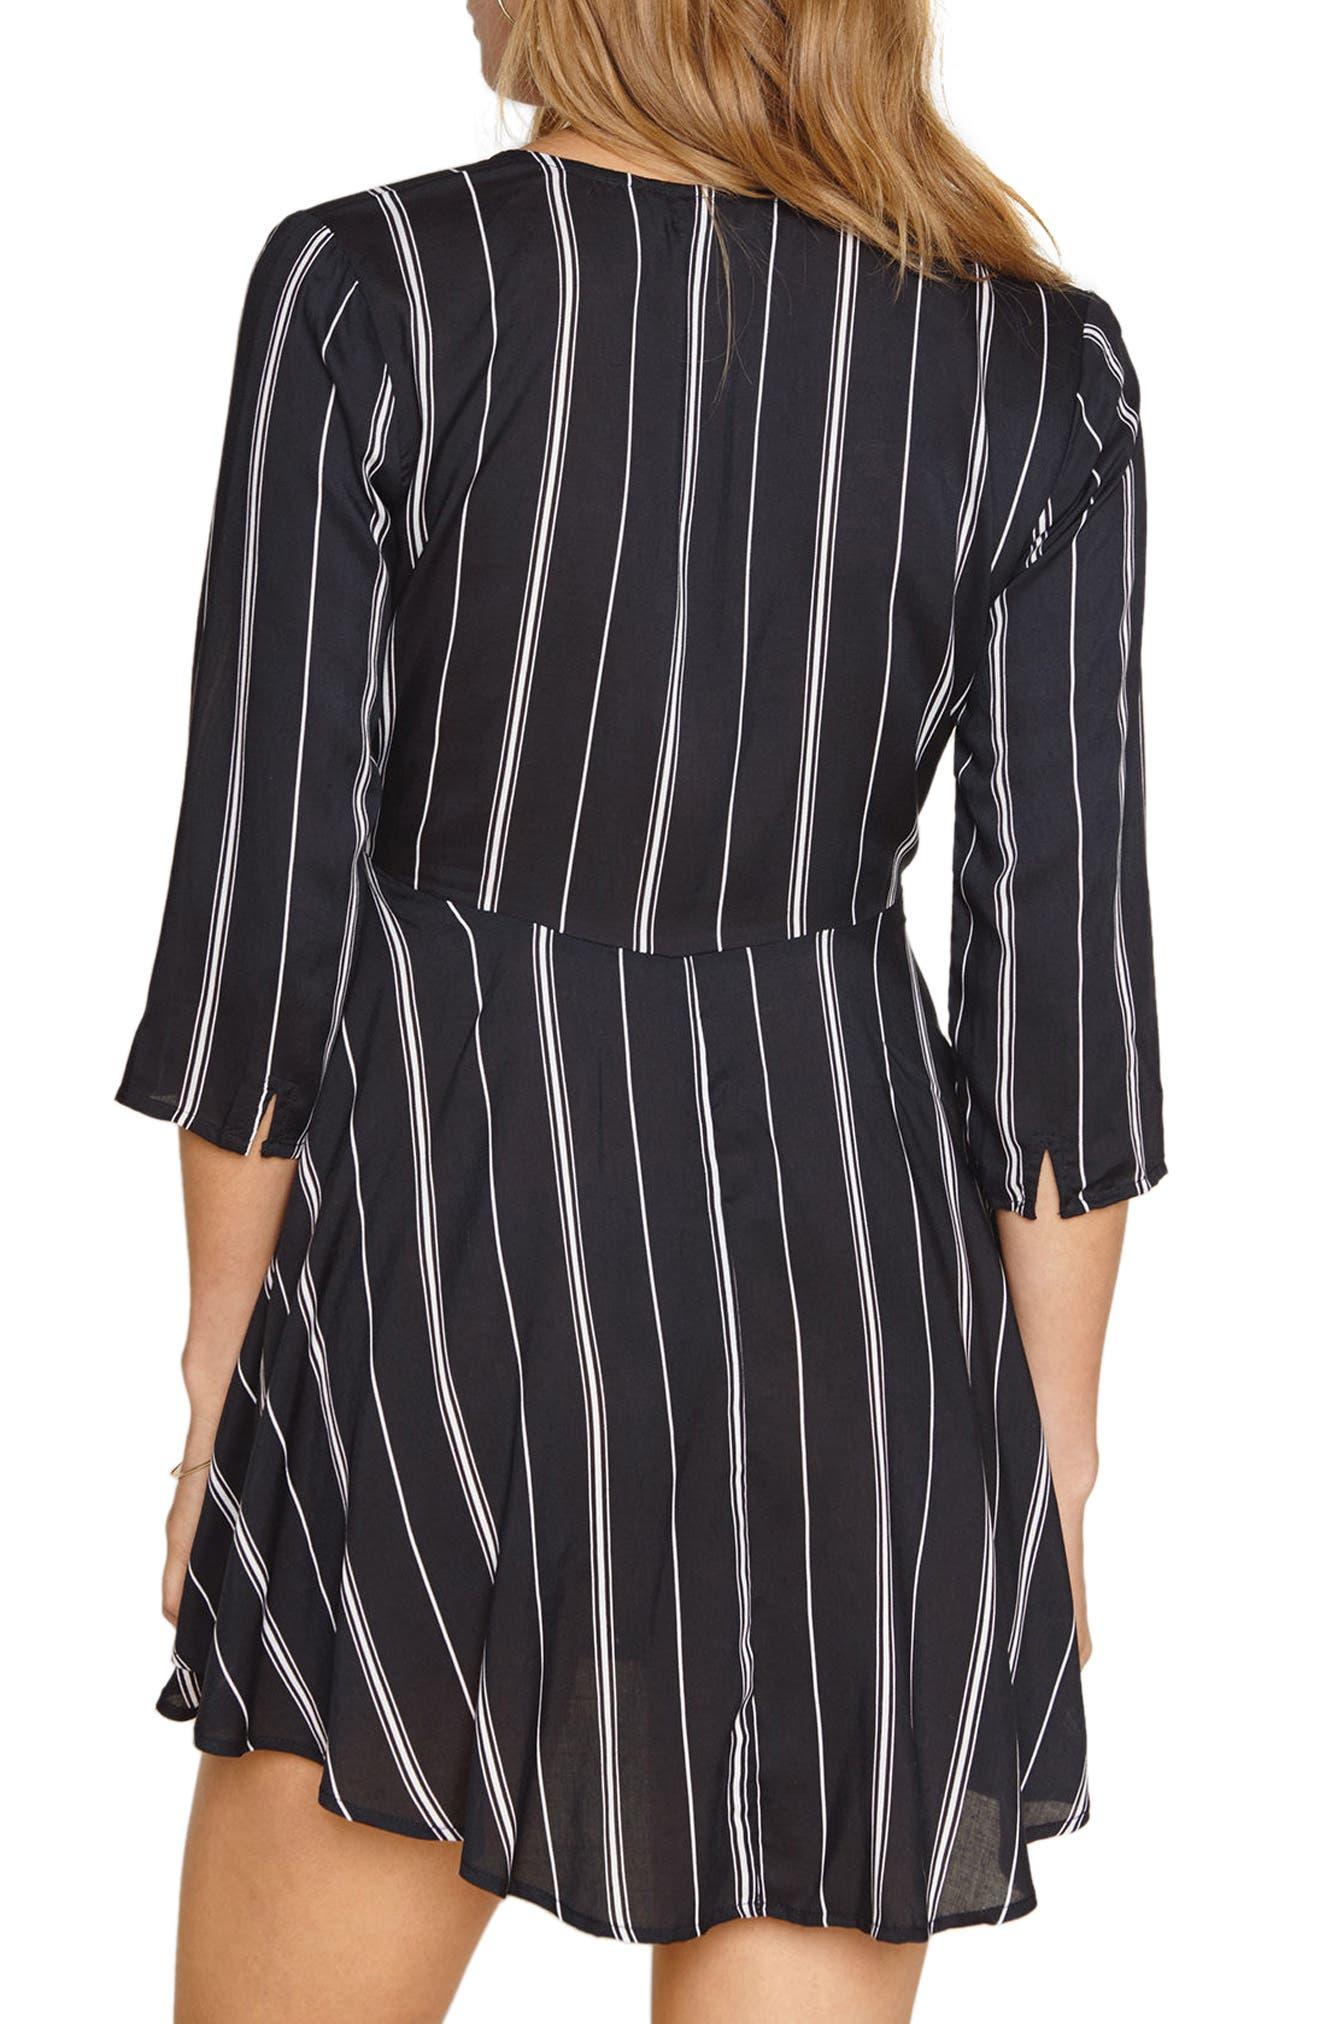 Let's Knot Stripe Skater Dress,                             Alternate thumbnail 2, color,                             001